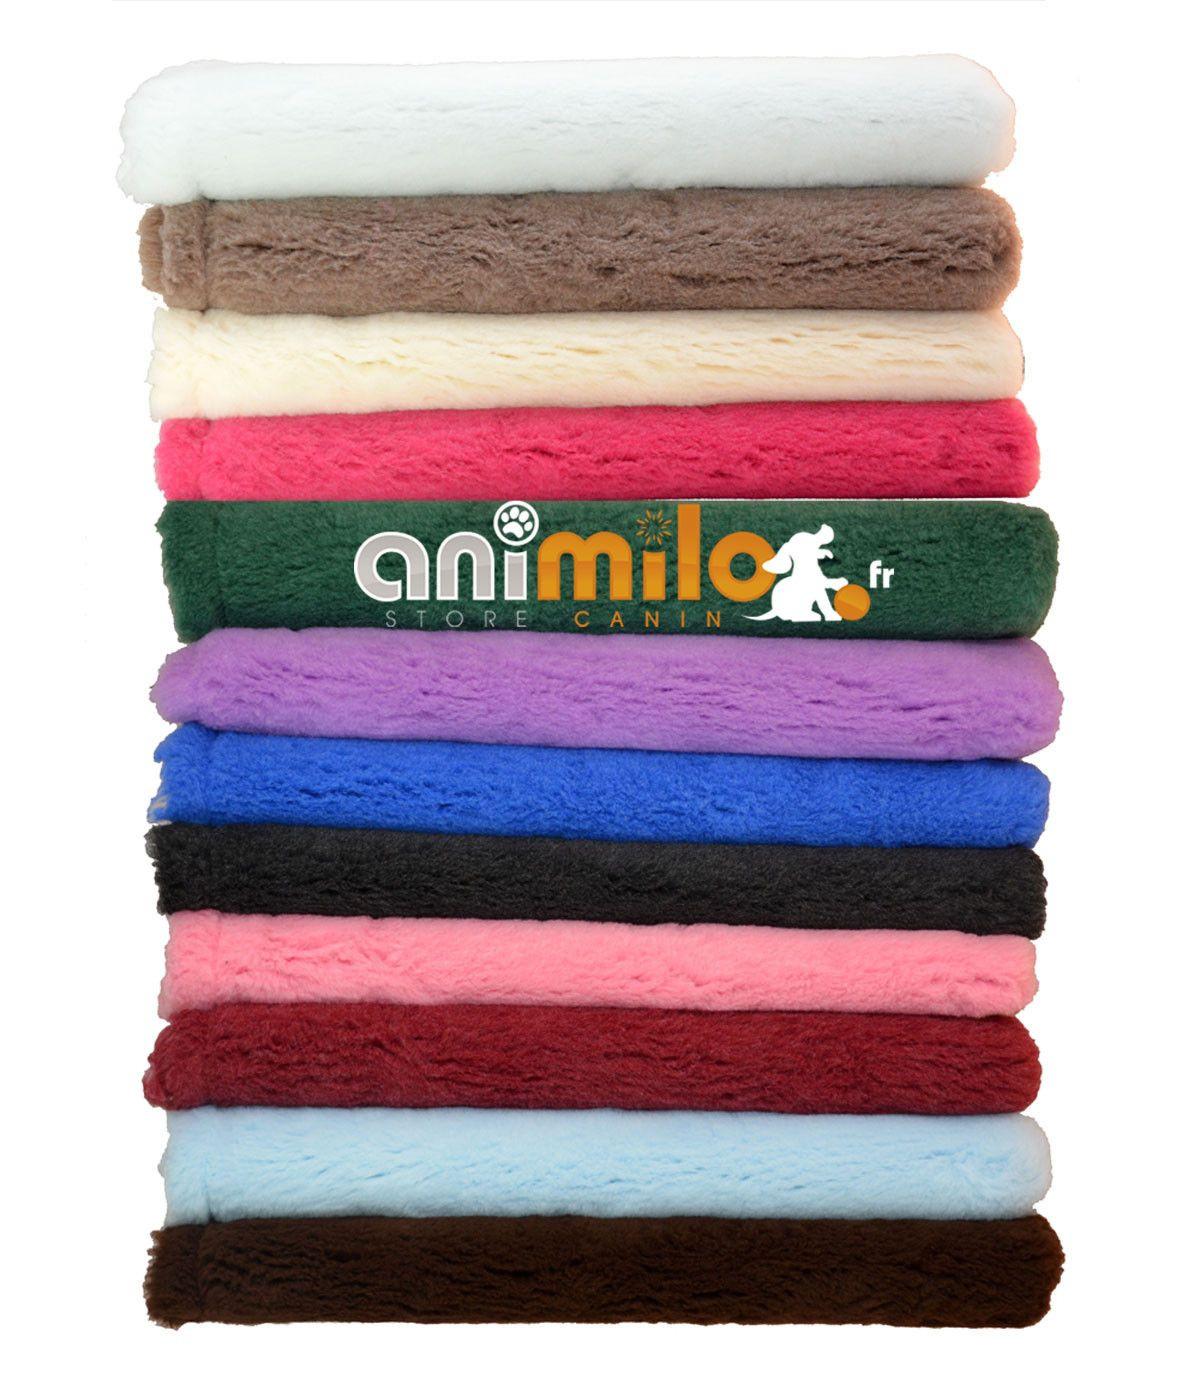 PROMO 6x tapis drainant Confortbed Eleveur couleur unie 32 mm